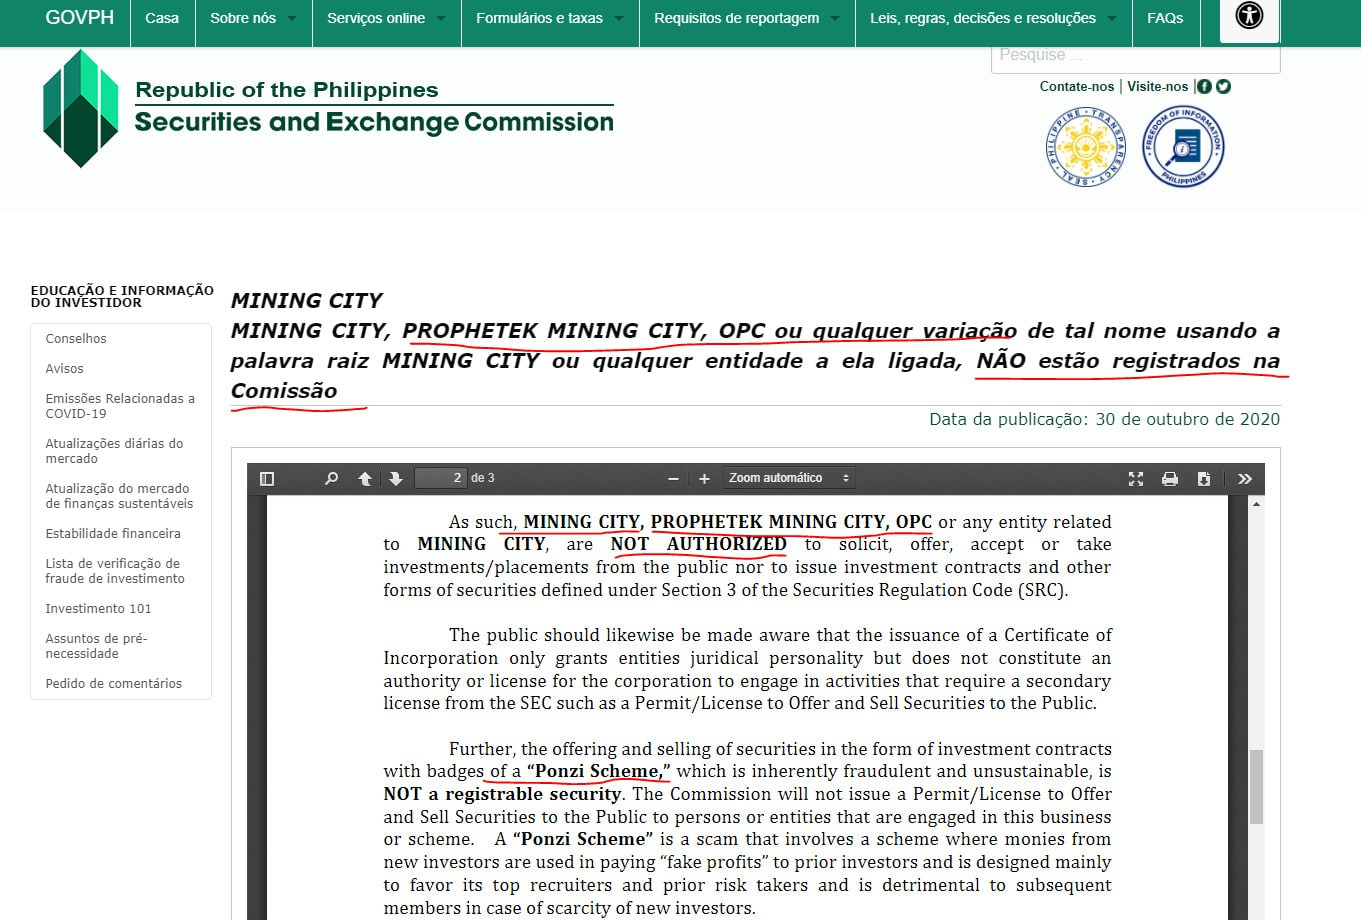 MINING CITY, PROPHETEK MINING CITY, OPC ou qualquer variação de tal nome usando a palavra raiz MINING CITY ou qualquer entidade a ela ligada, NÃO estão registrados na Comissão